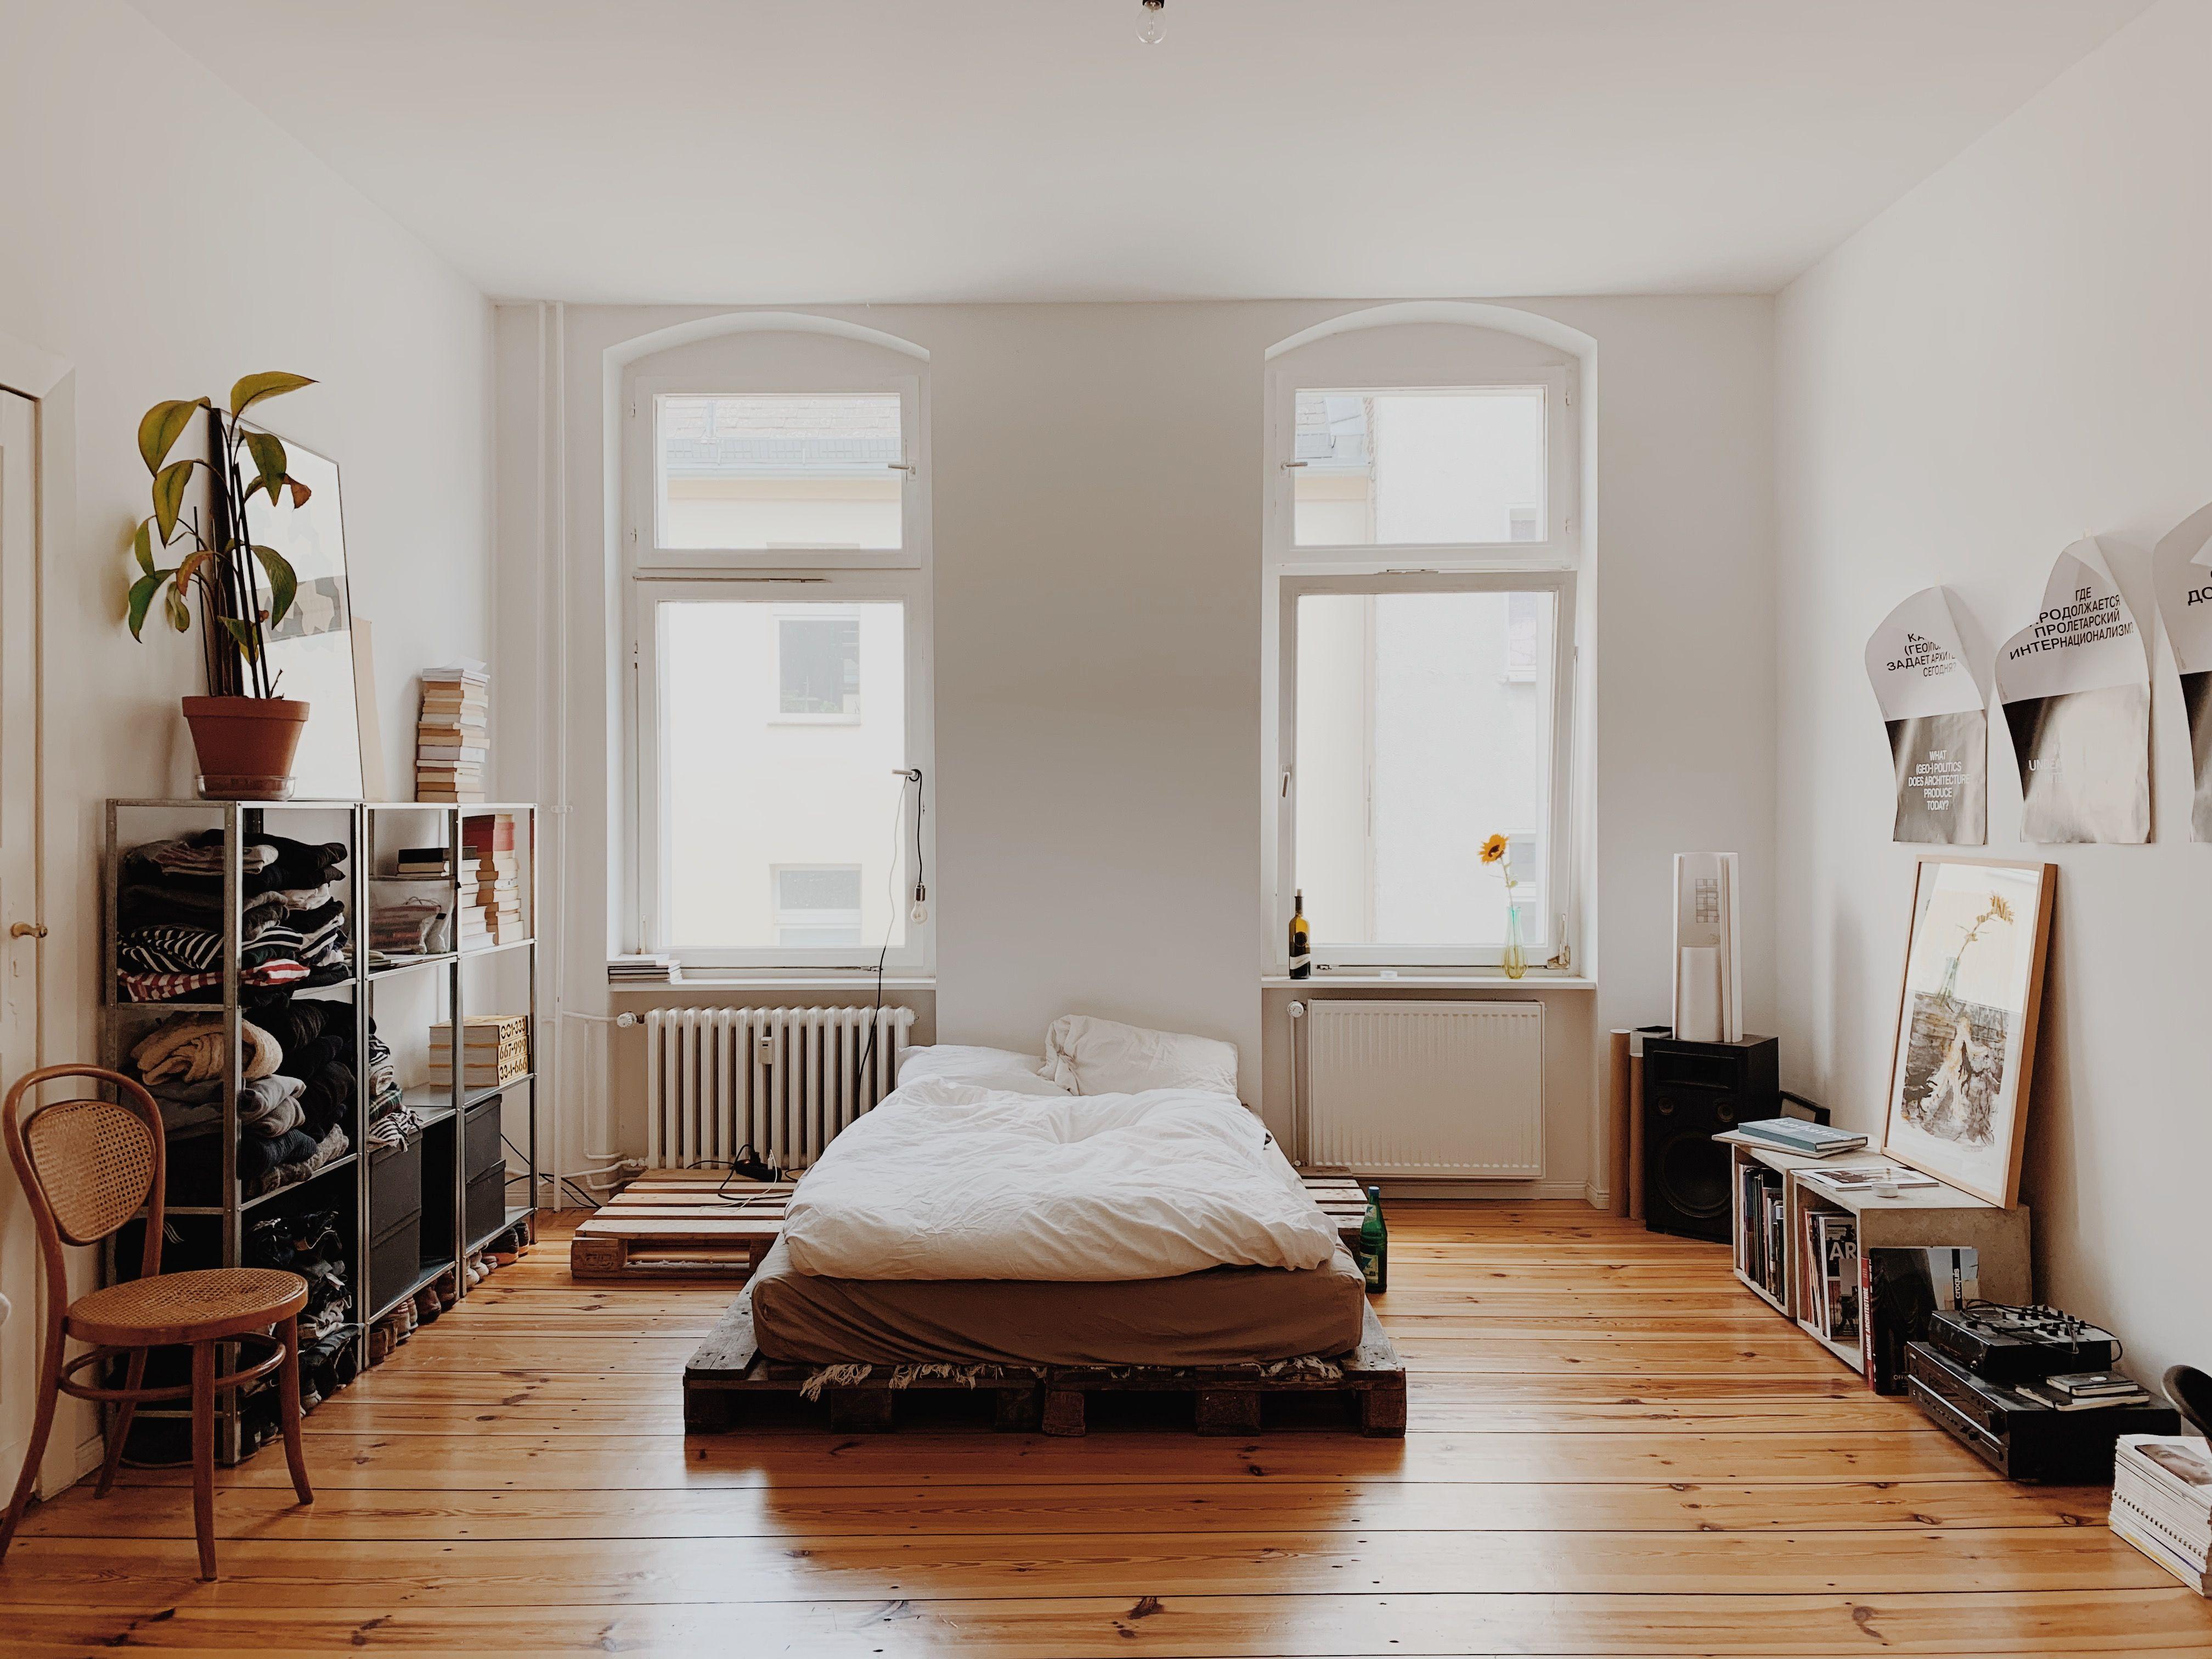 Schlafzimmer 3 Zimmer Wohnung Zimmer Wohnung